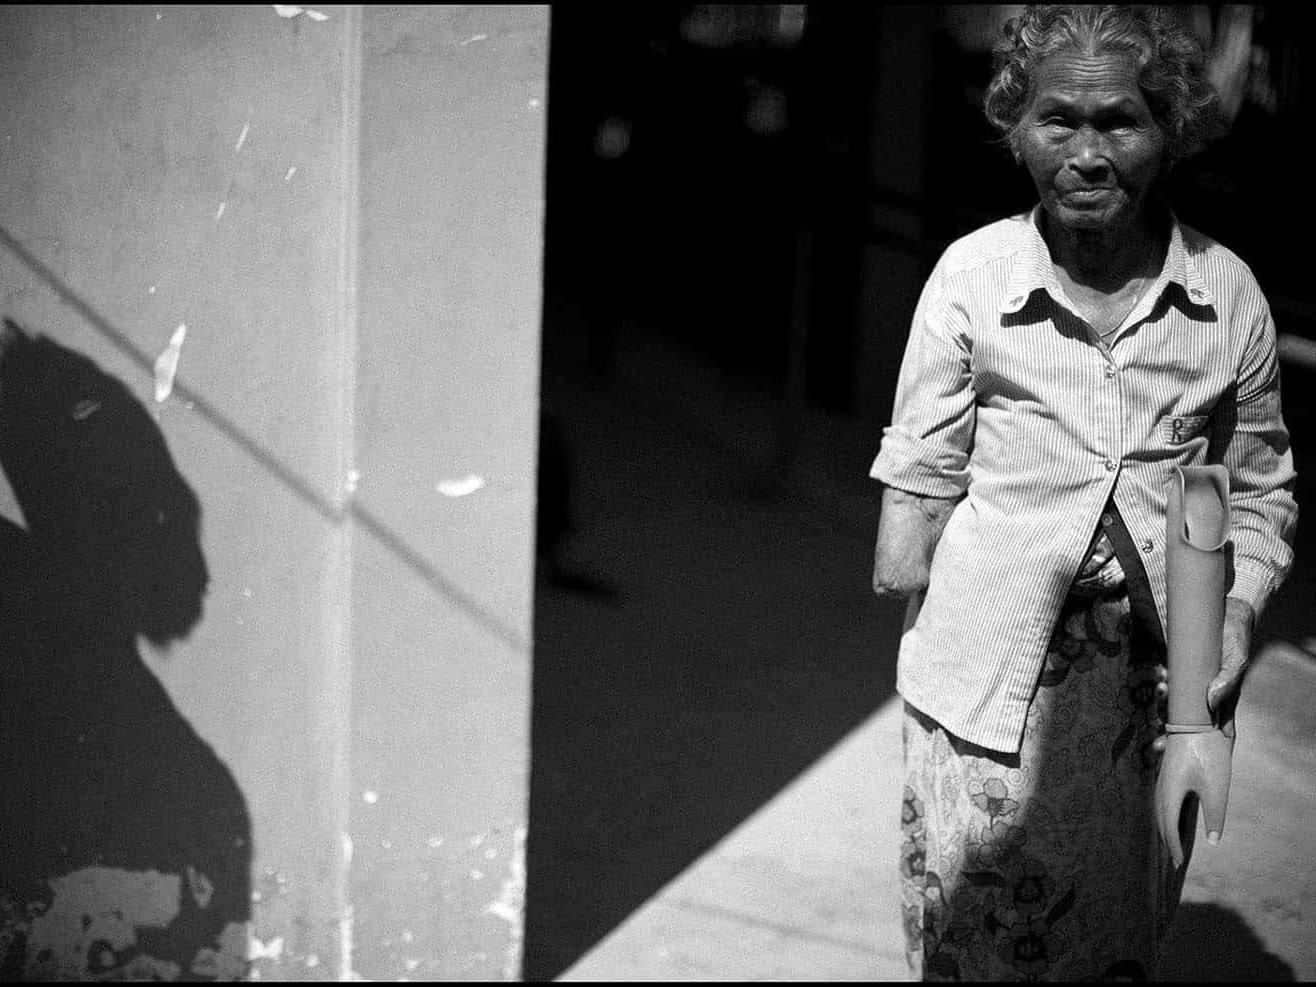 vietnam photographer possible life binhdang 2